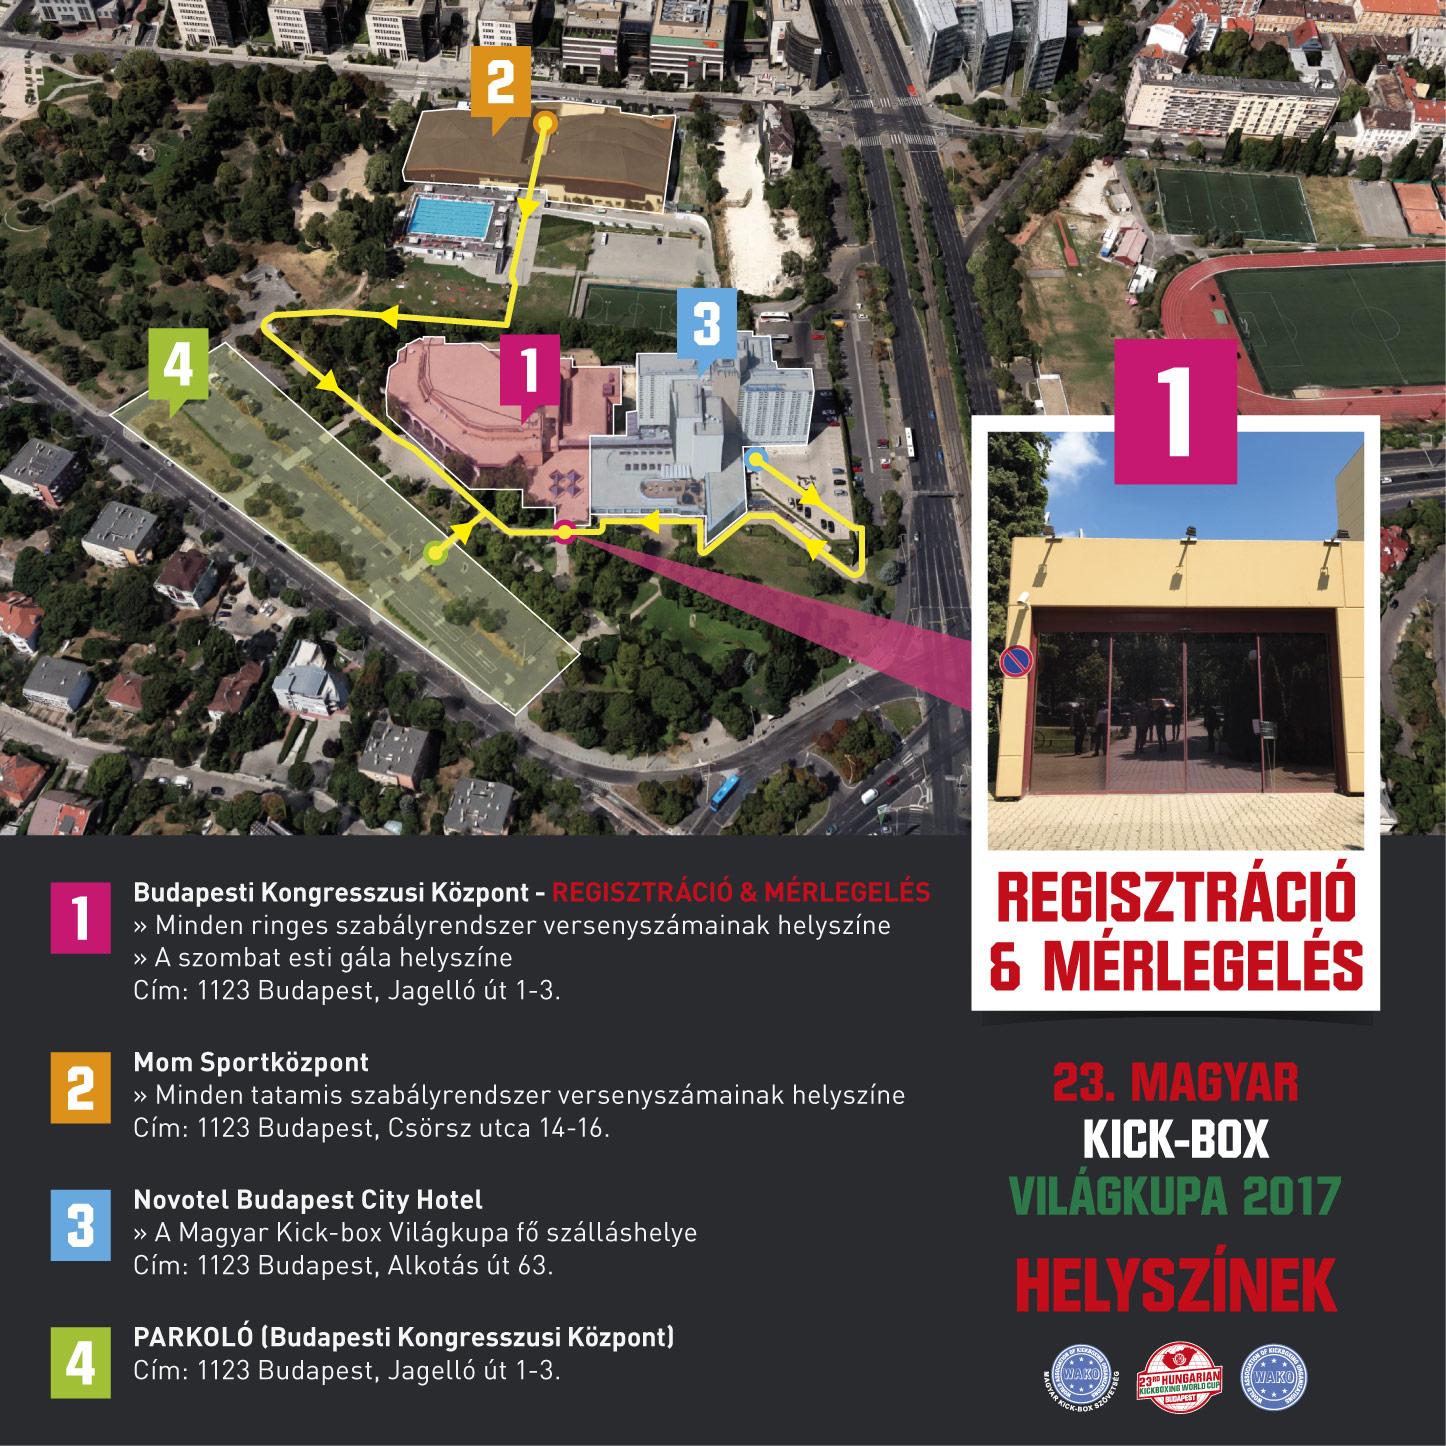 térkép online budapest set online térkép online budapest